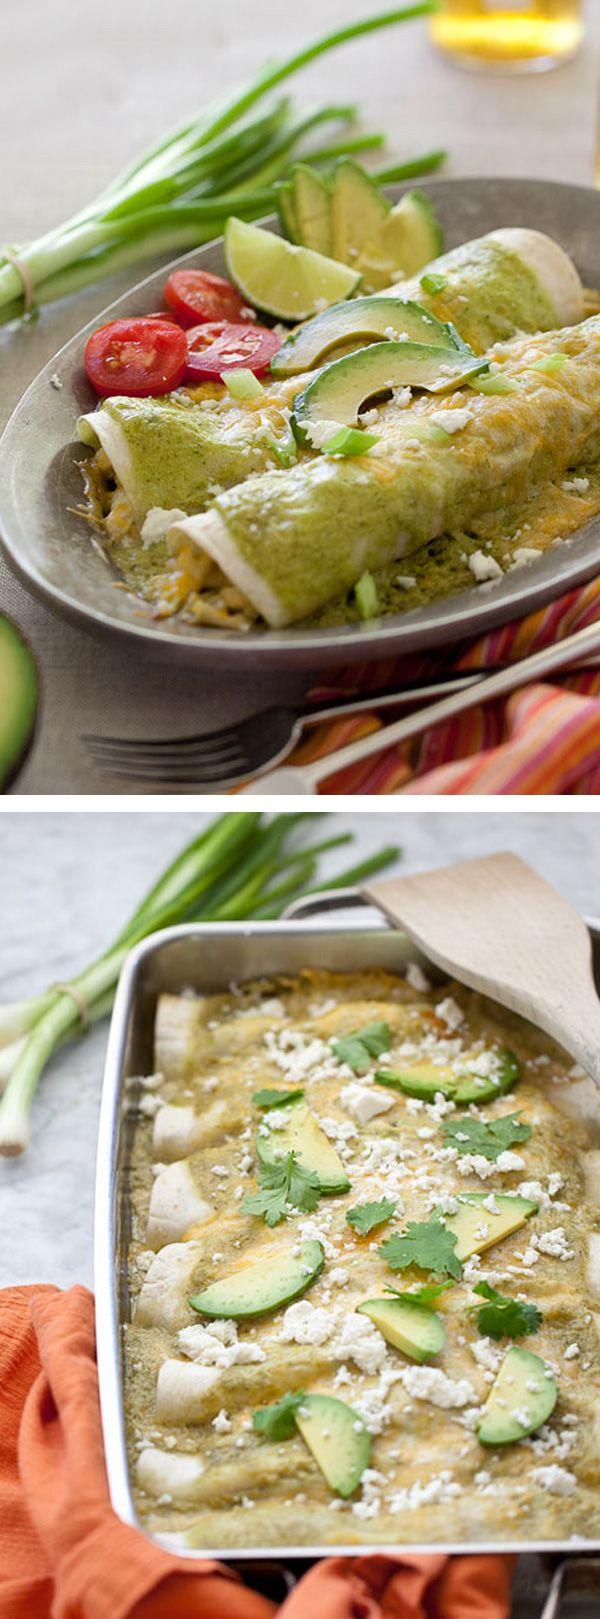 Avocado Cream and Chicken Suiza Enchiladas Recipe | foodiecrush.com